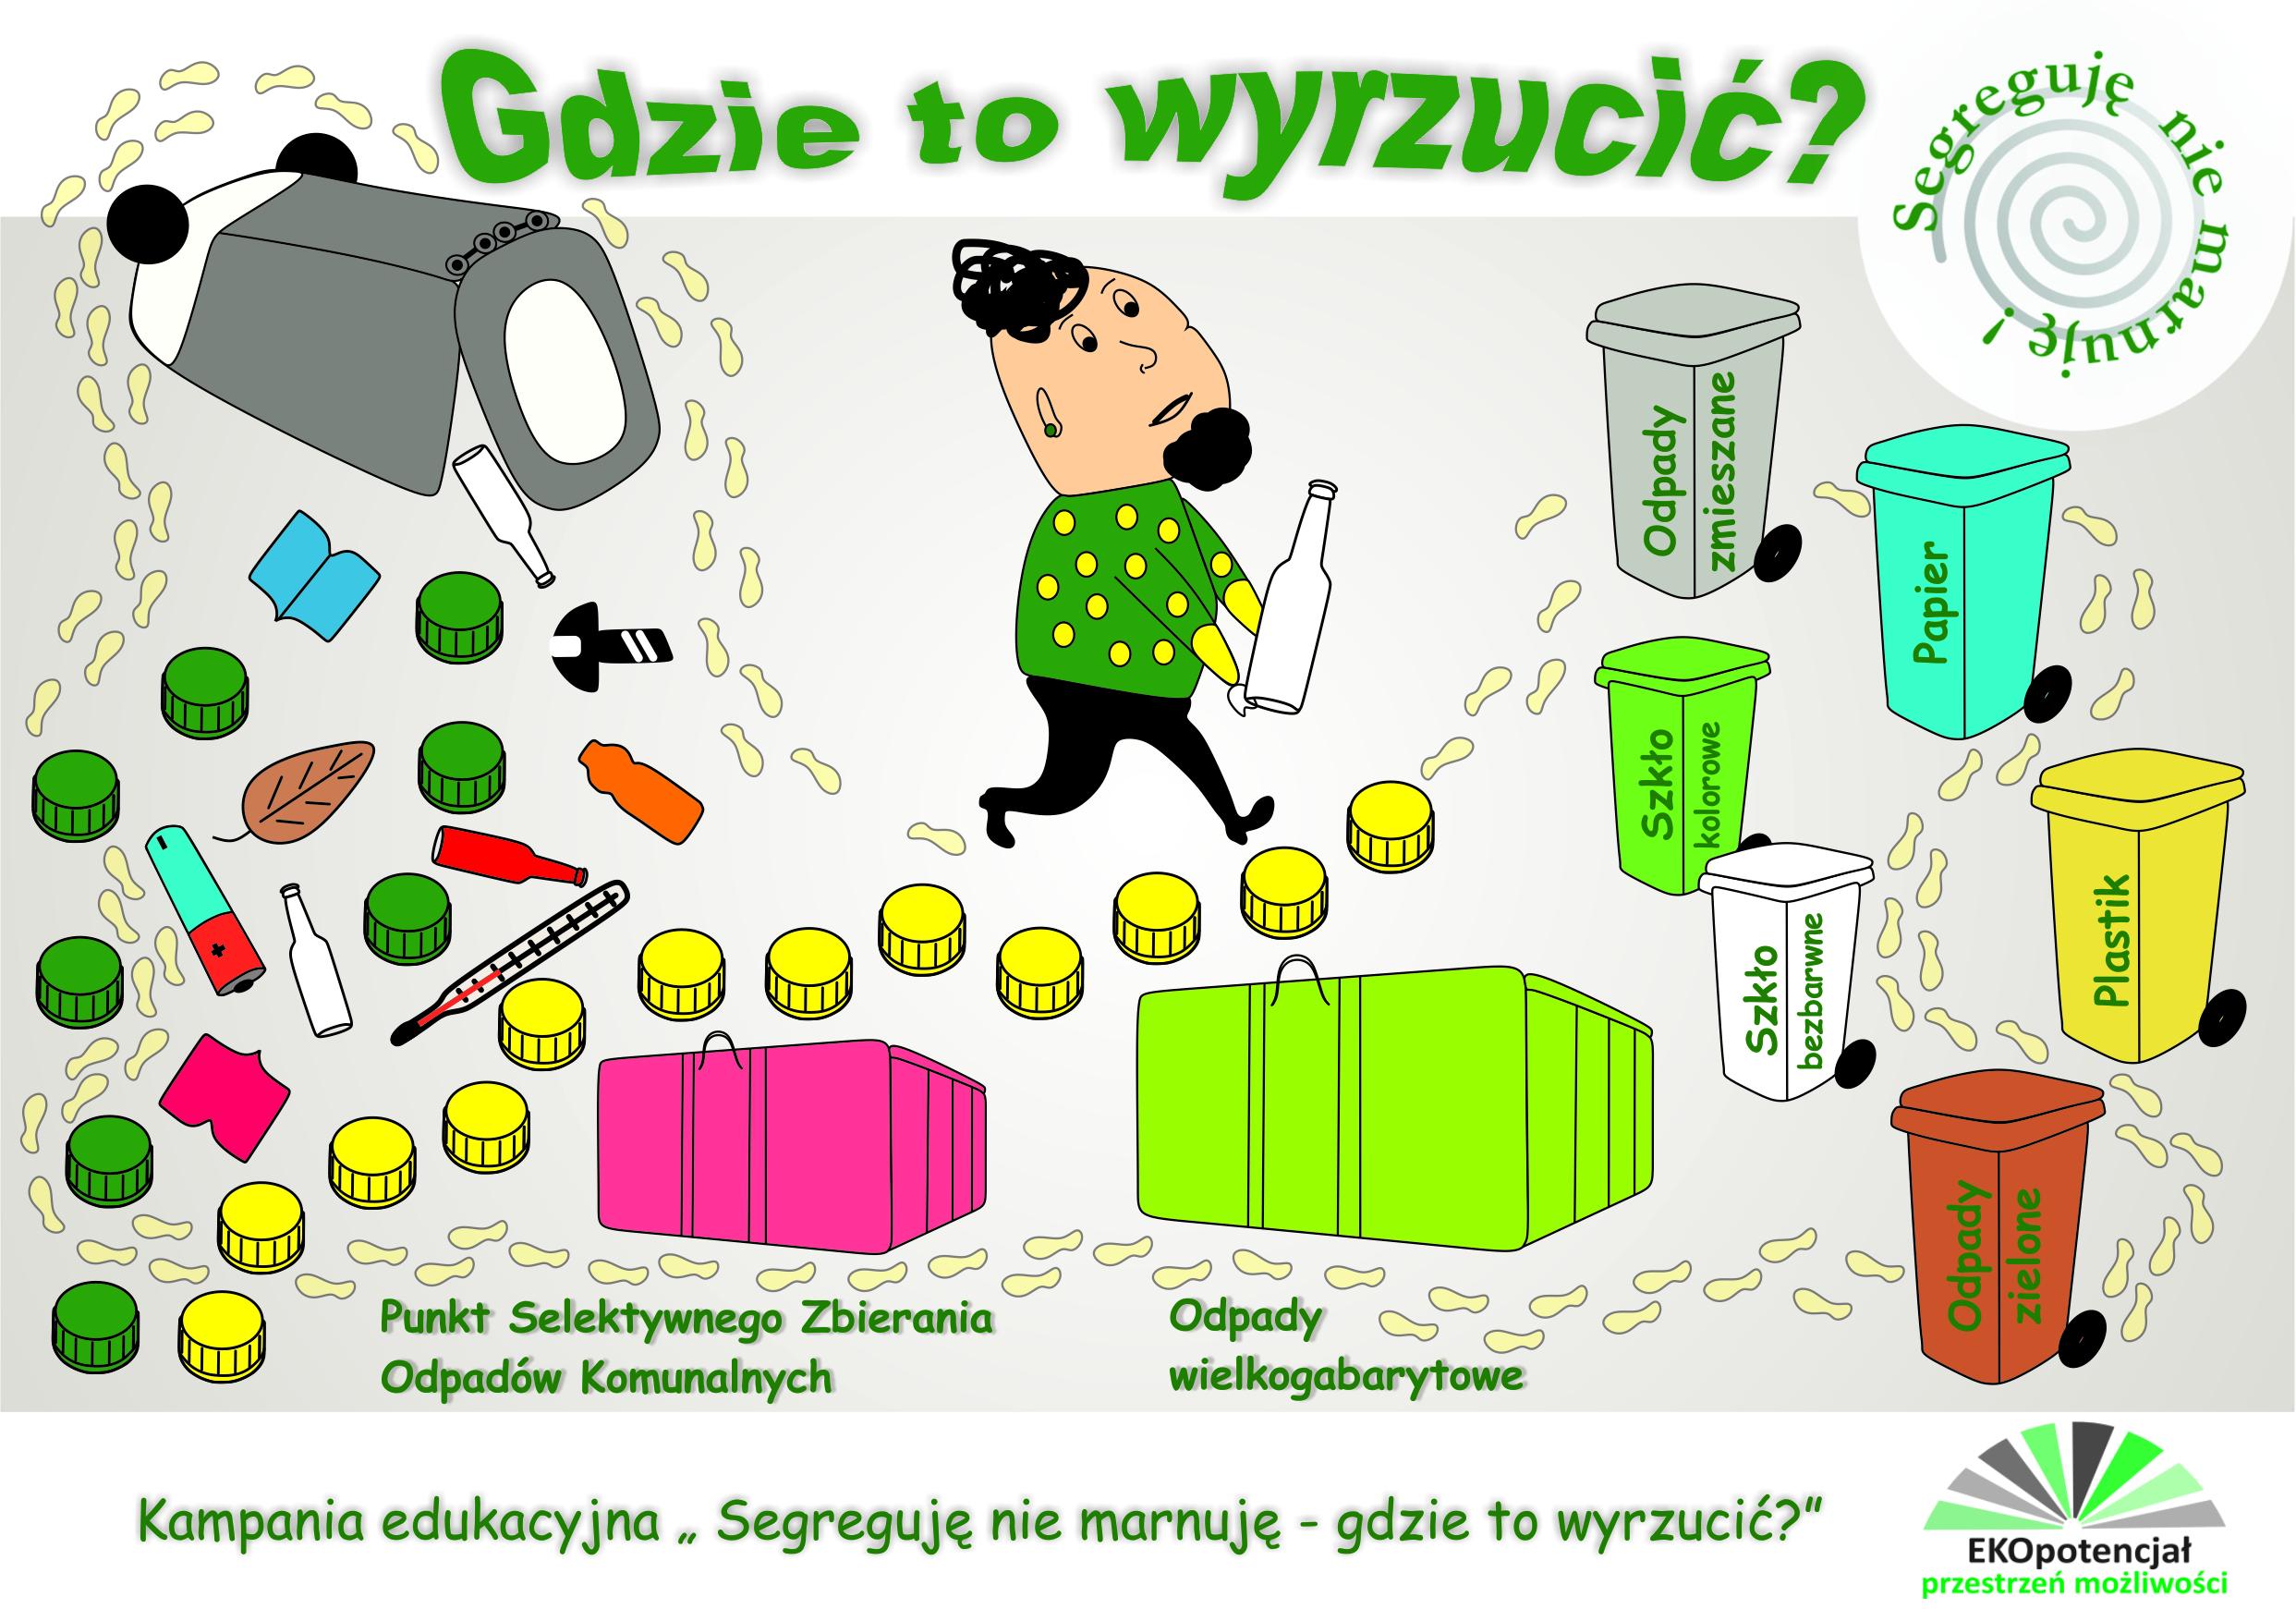 kampania odpadowa pytanie nr 3